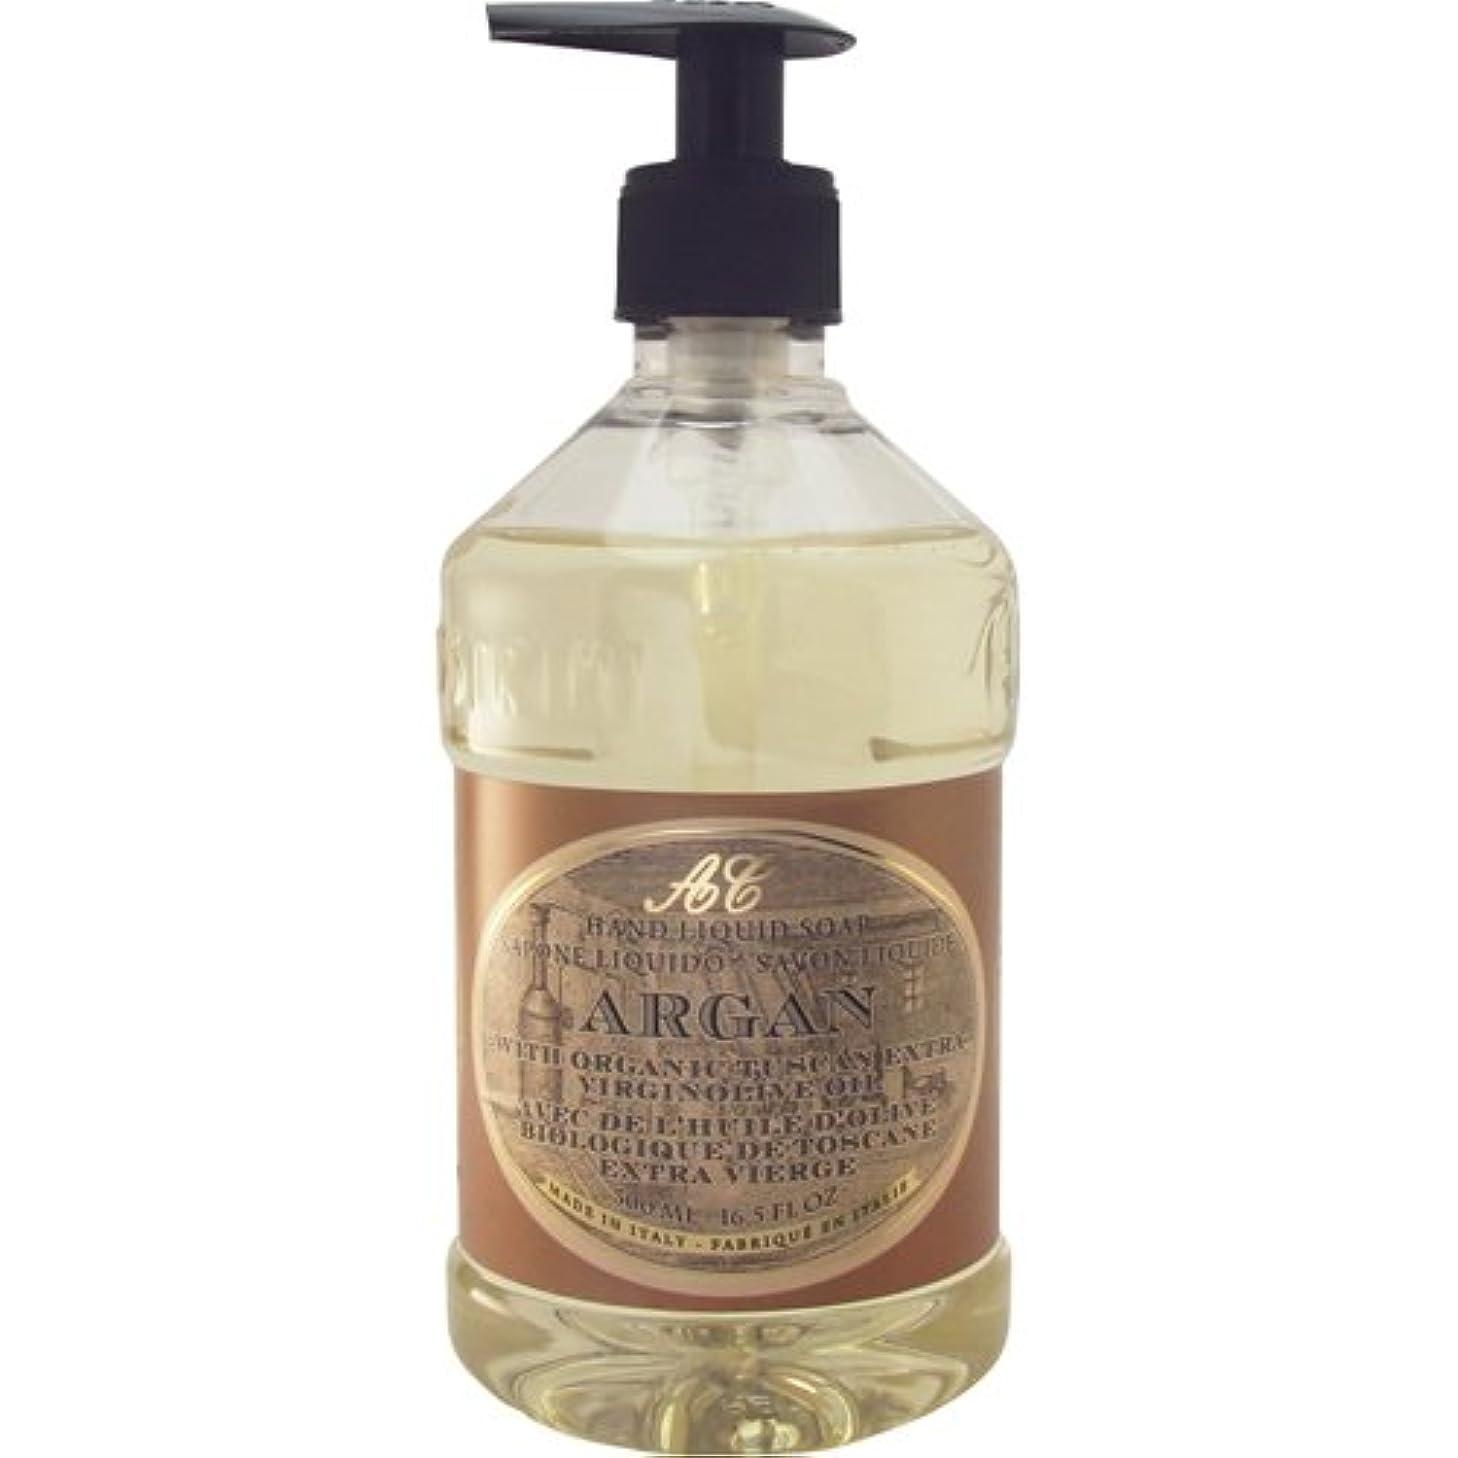 冷ややかなだます同級生Saponerire Fissi レトロシリーズ Liquid Soap リキッドソープ 500ml Argan アルガンオイル